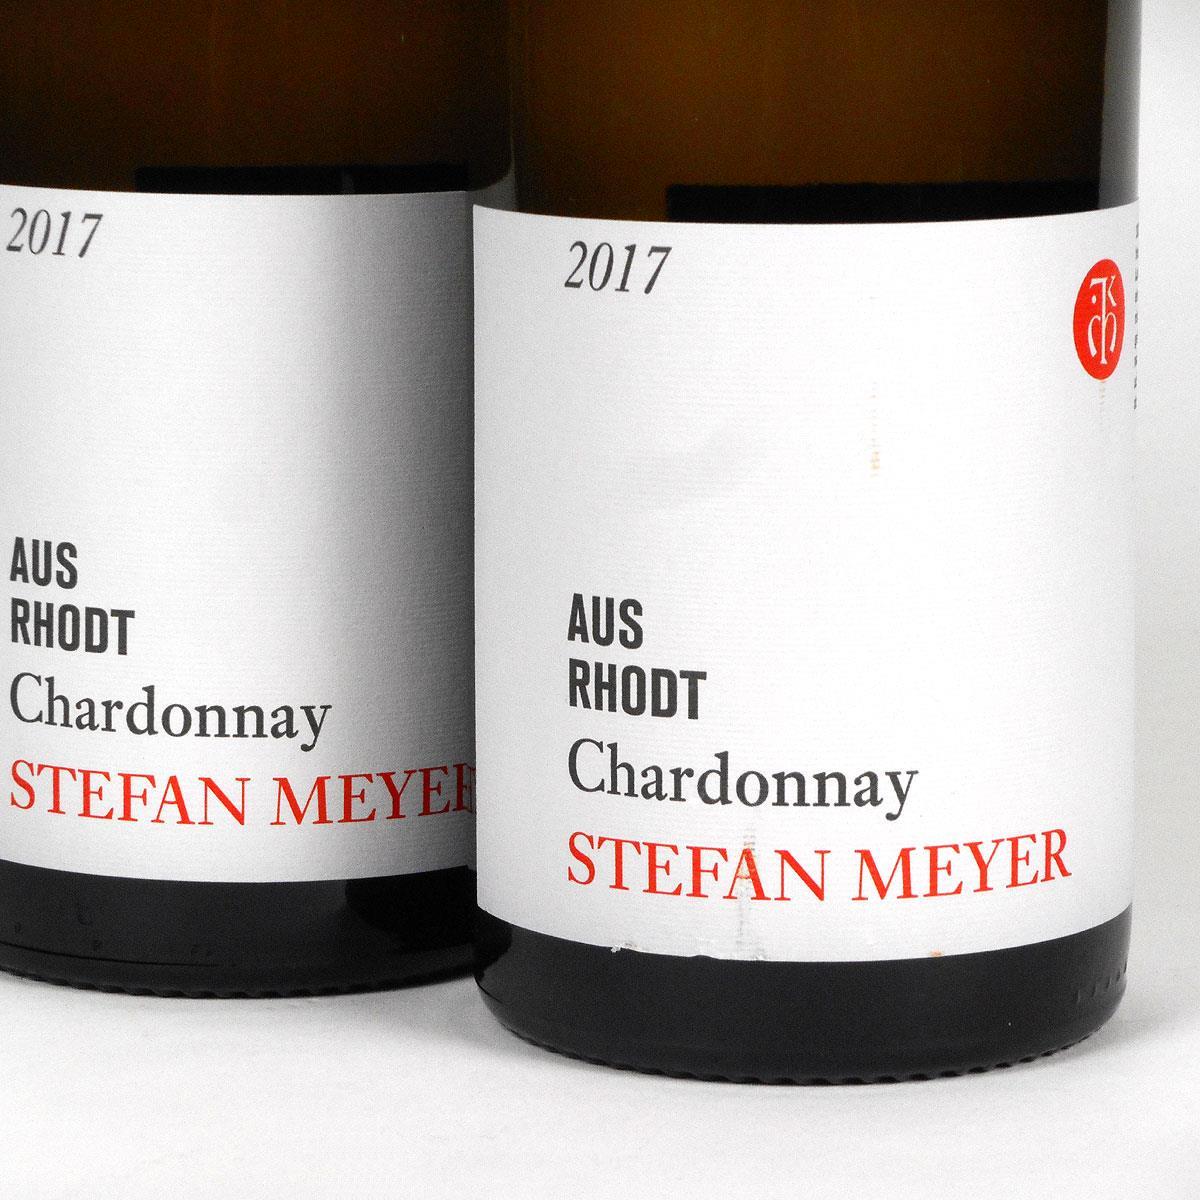 Pfalz: Stefan Meyer 'Aus Rhodt' Chardonnay 2017